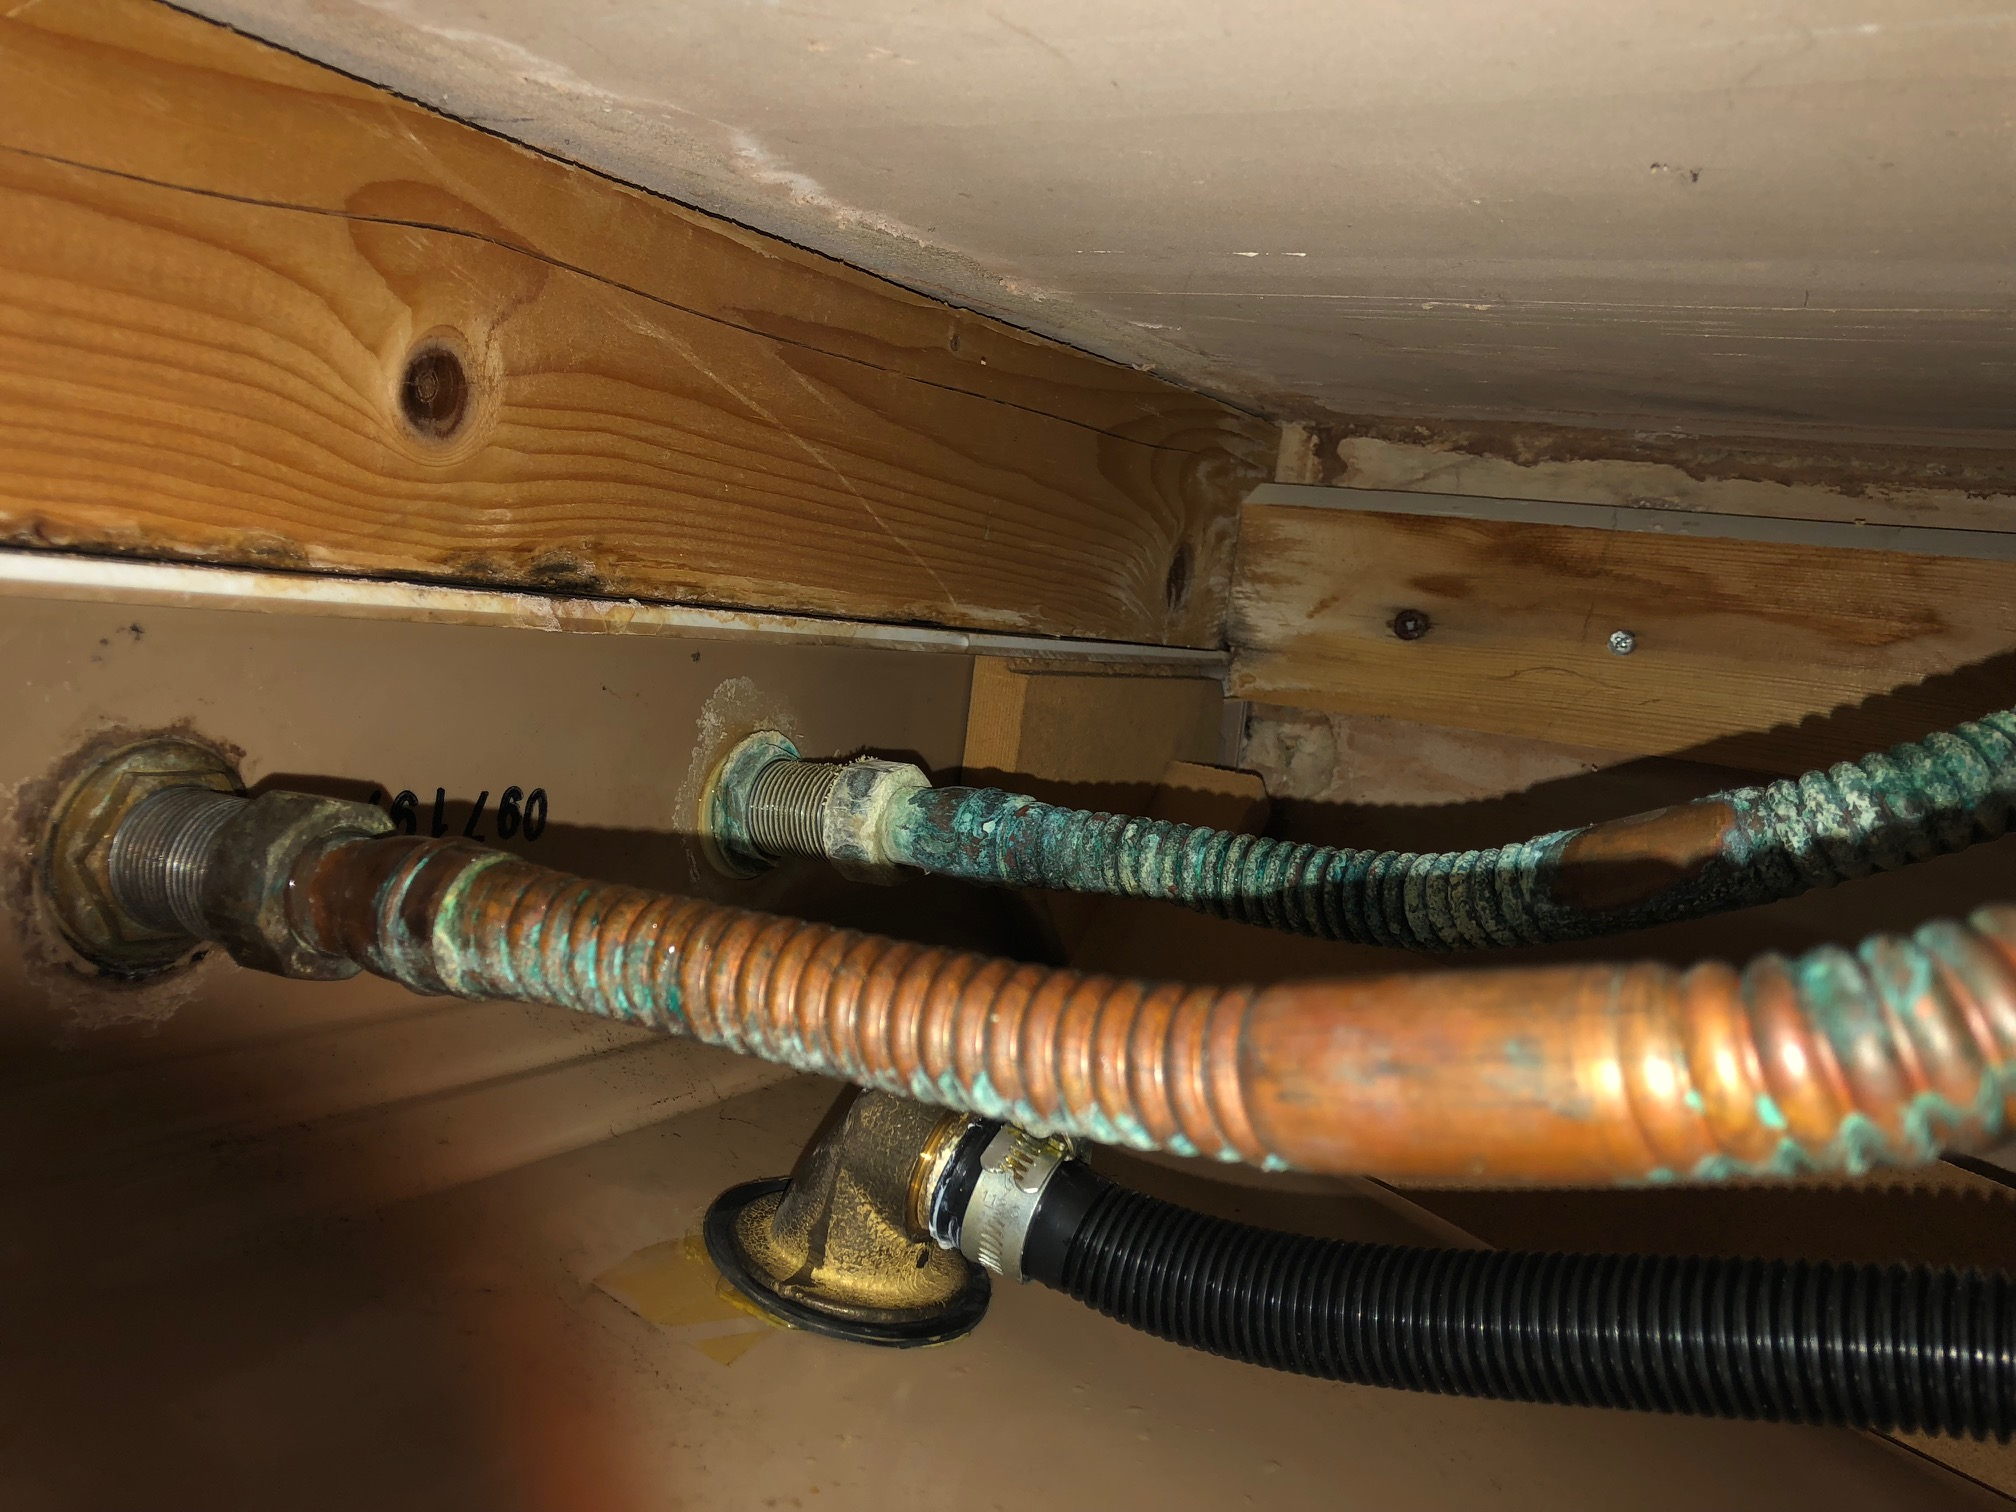 Emergency MK plumber before